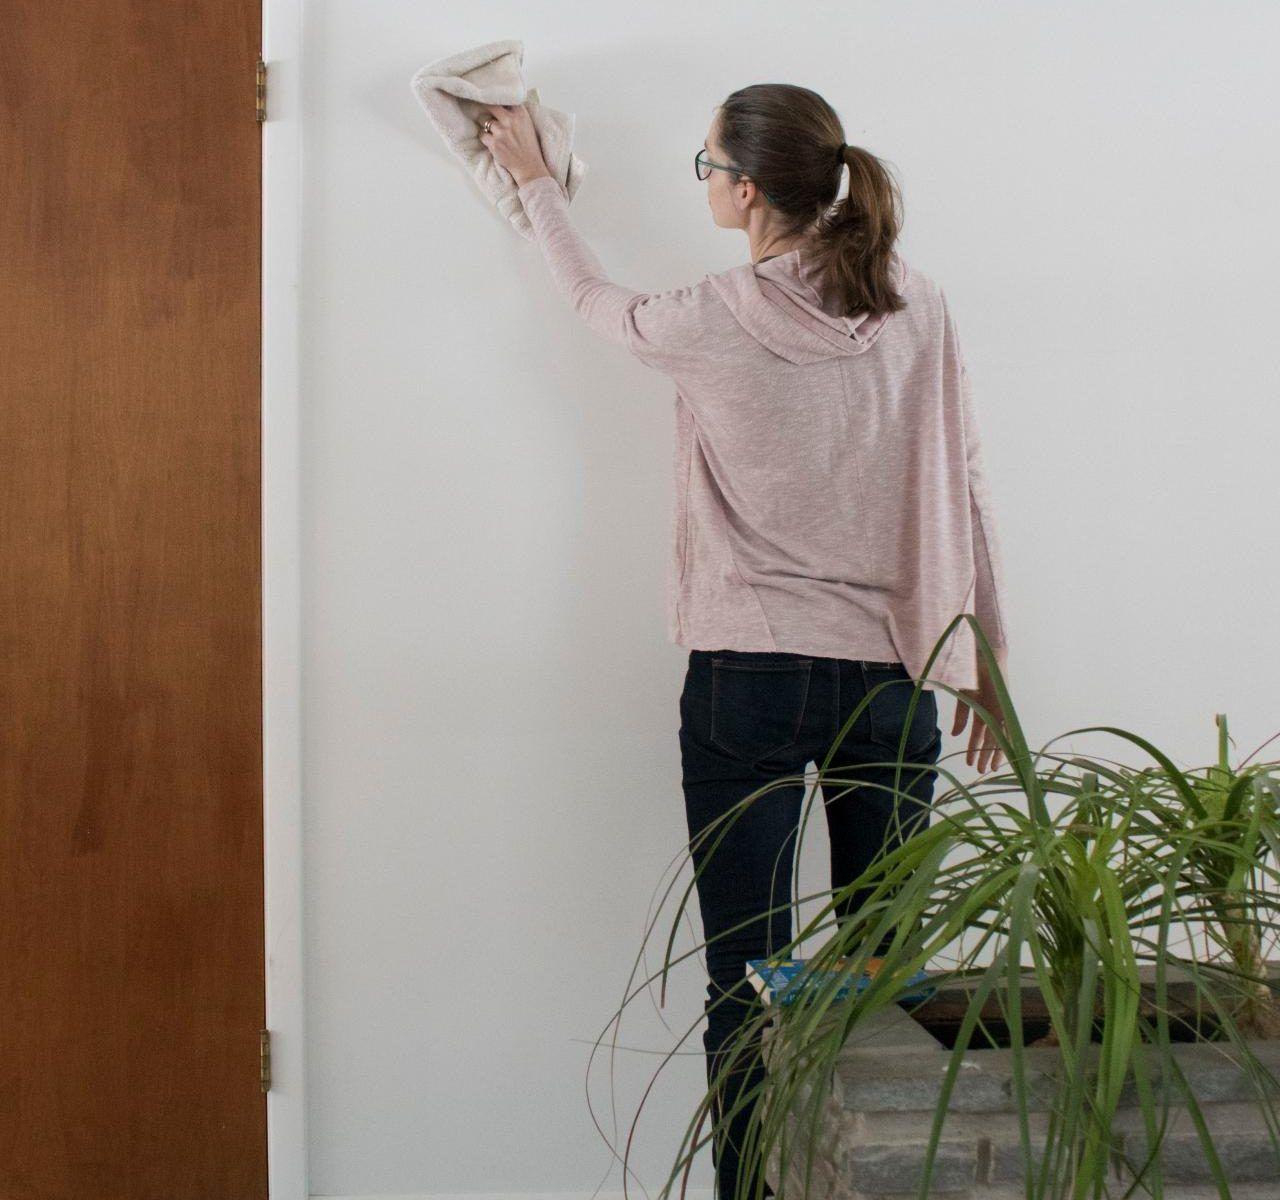 Como Limpiar Manchas De Humedad En La Pared Limpiar Manchas Servicio De Limpieza